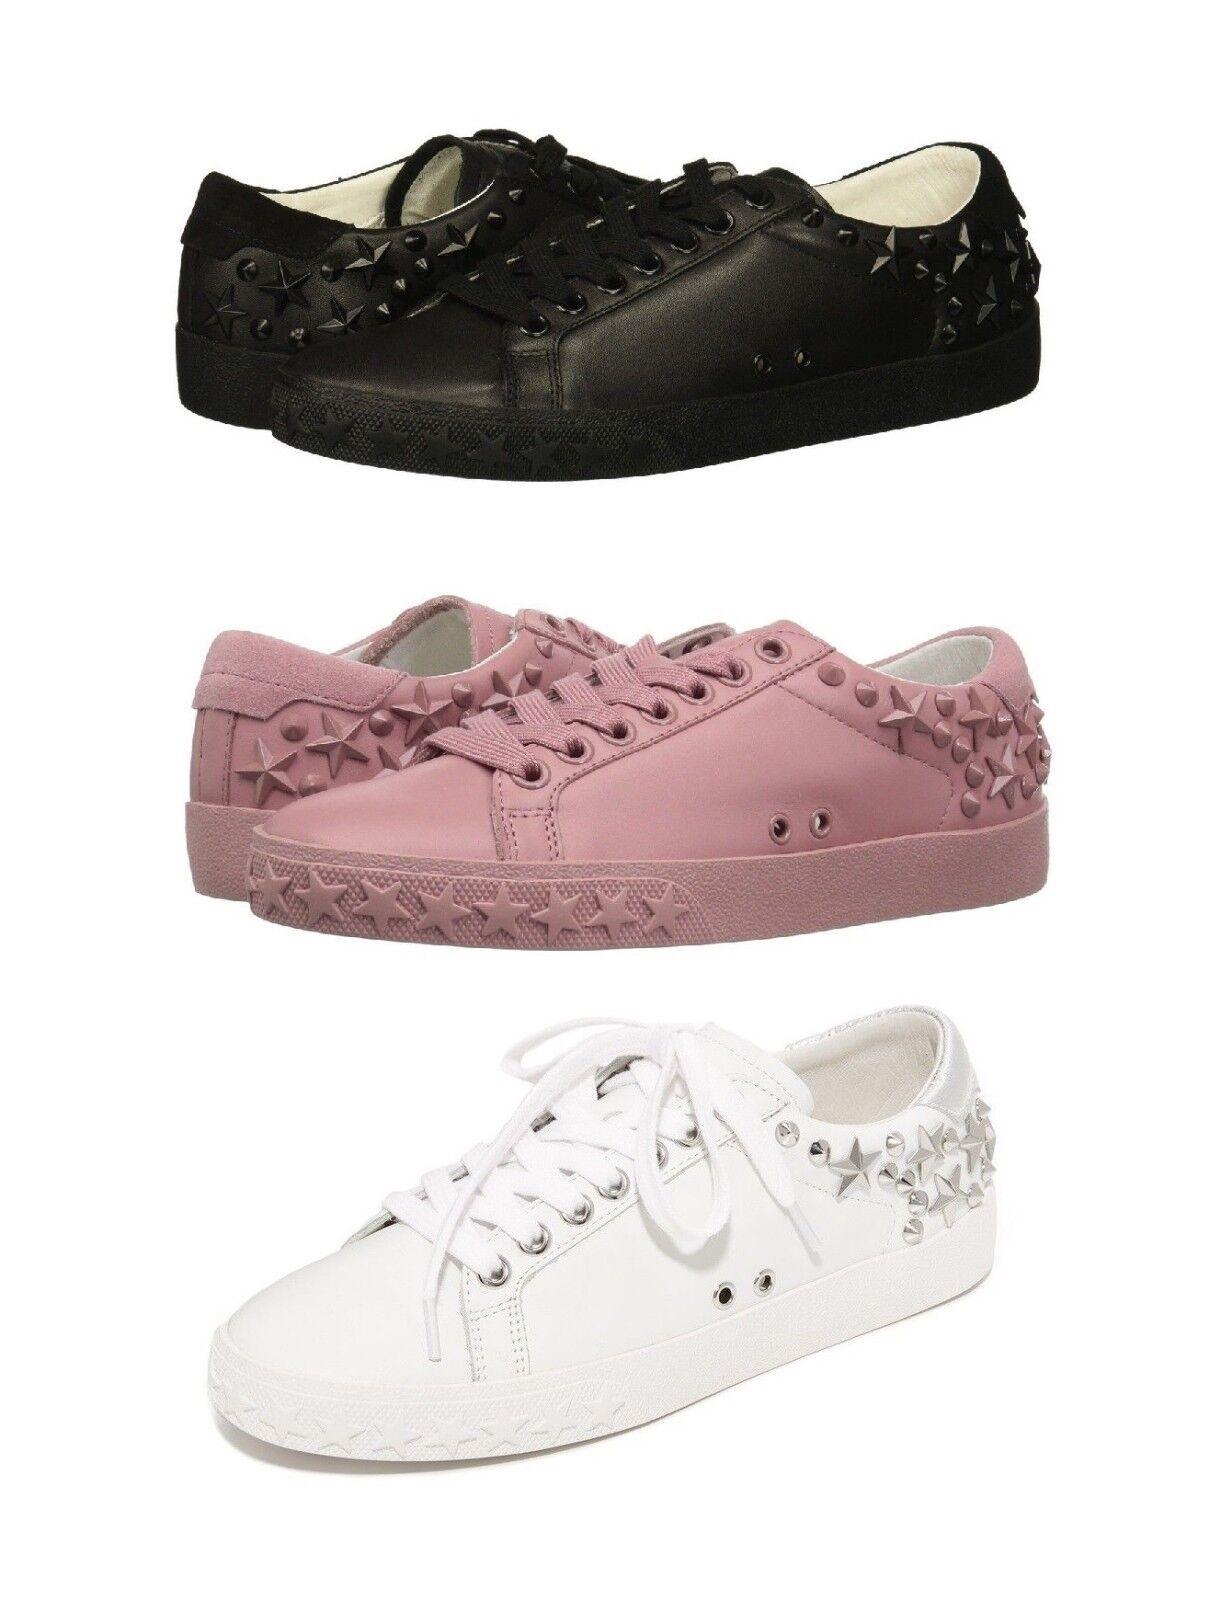 presentando tutte le ultime tendenze della moda NEW ASH AS DAZED Star Star Star Studs nero rosa bianca Donna  Fashion scarpe da ginnastica scarpe  acquista la qualità autentica al 100%